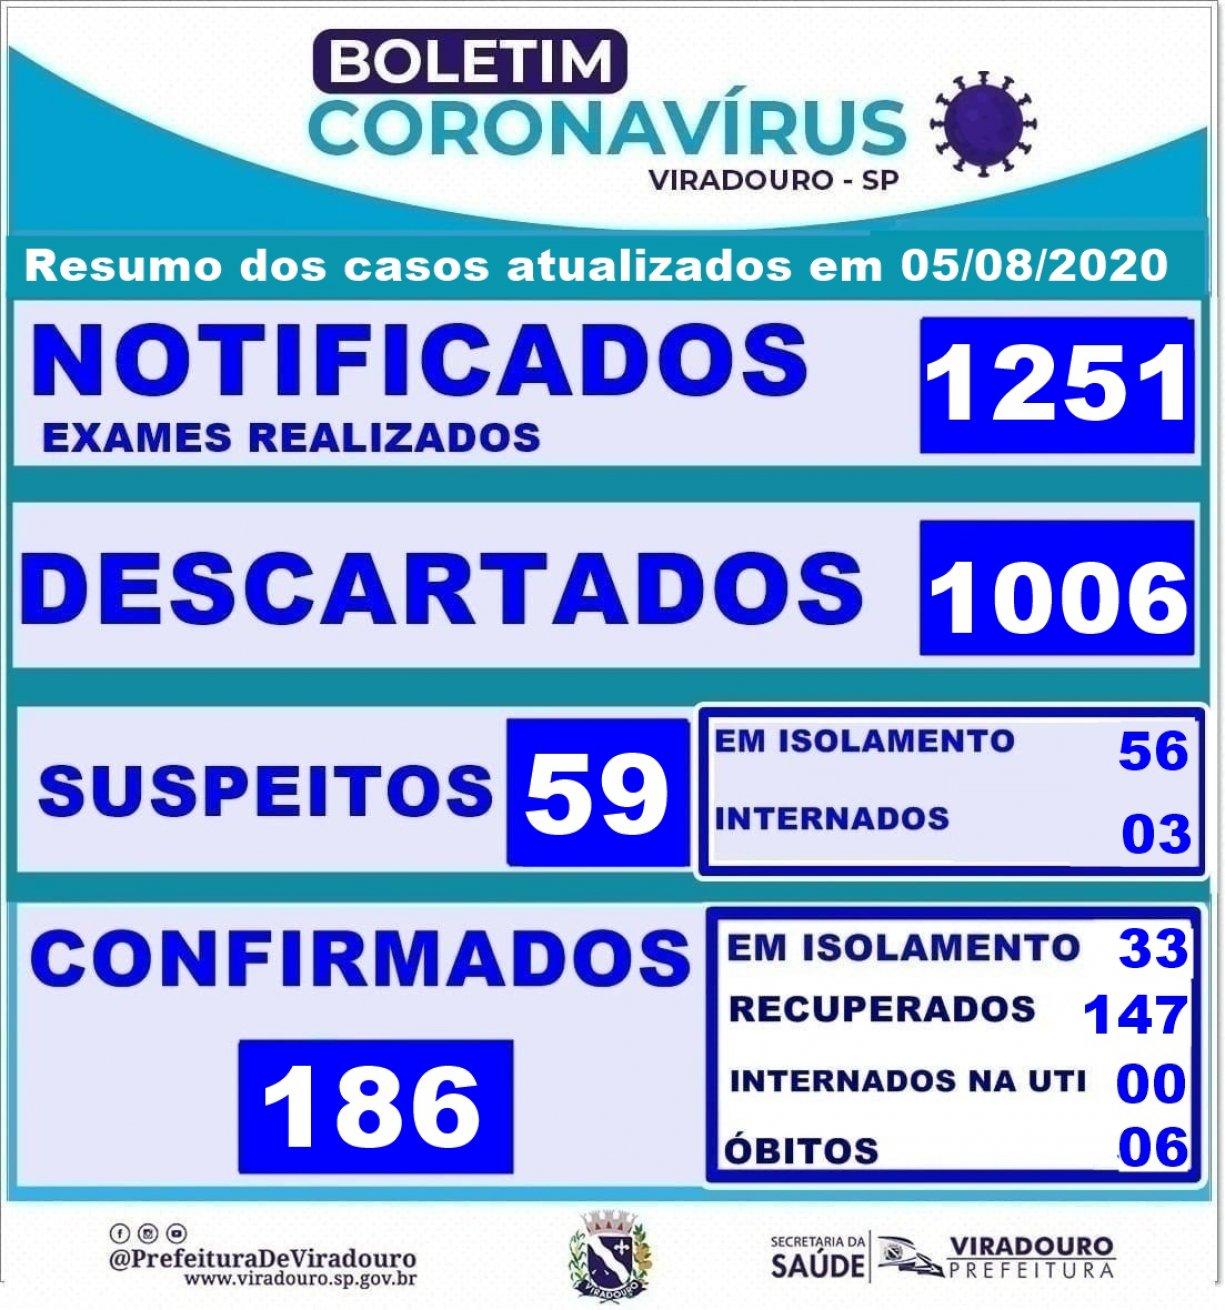 Boletim epidemiologico resumo dos casos atualizados em 05/08/2020